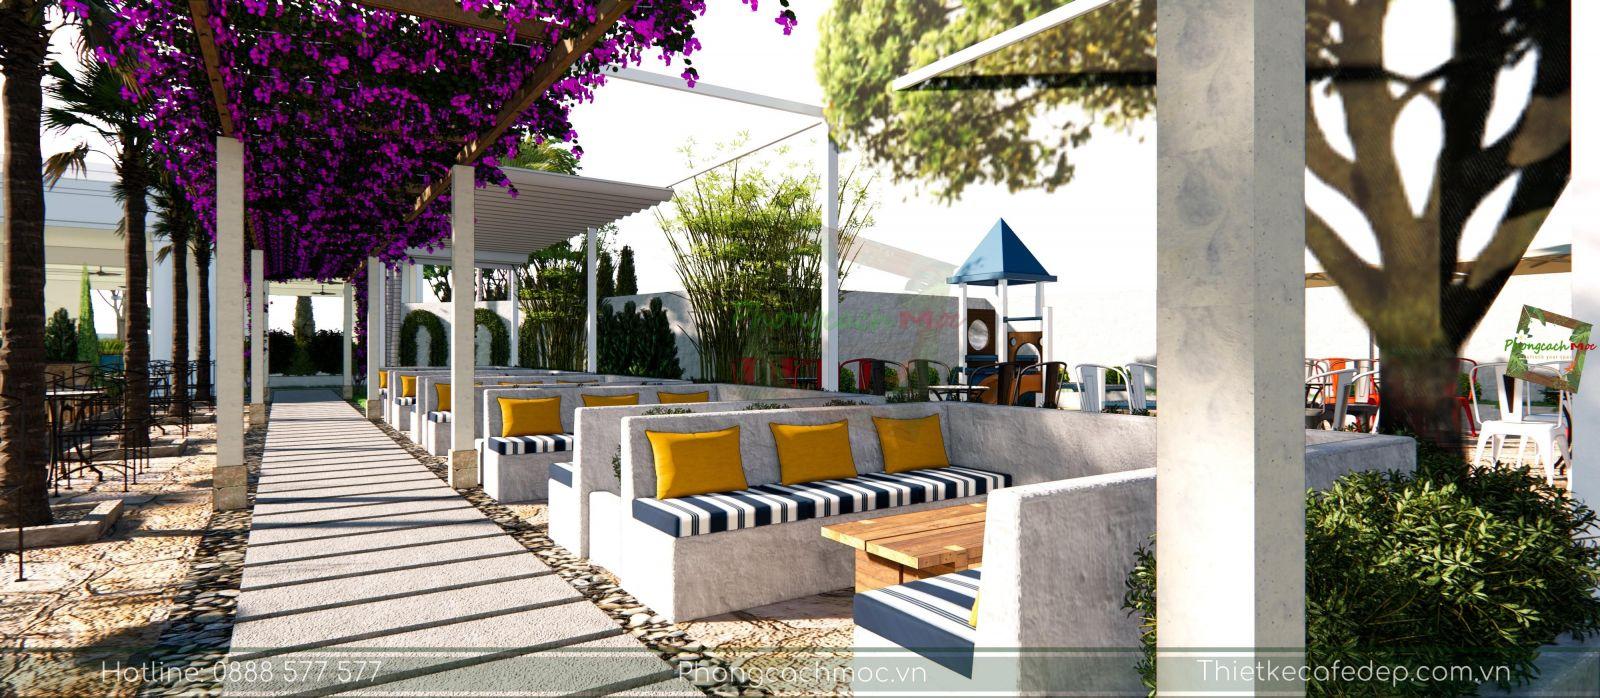 thiết kế bày trí bàn ghế nội thất sân vườn quán cafe